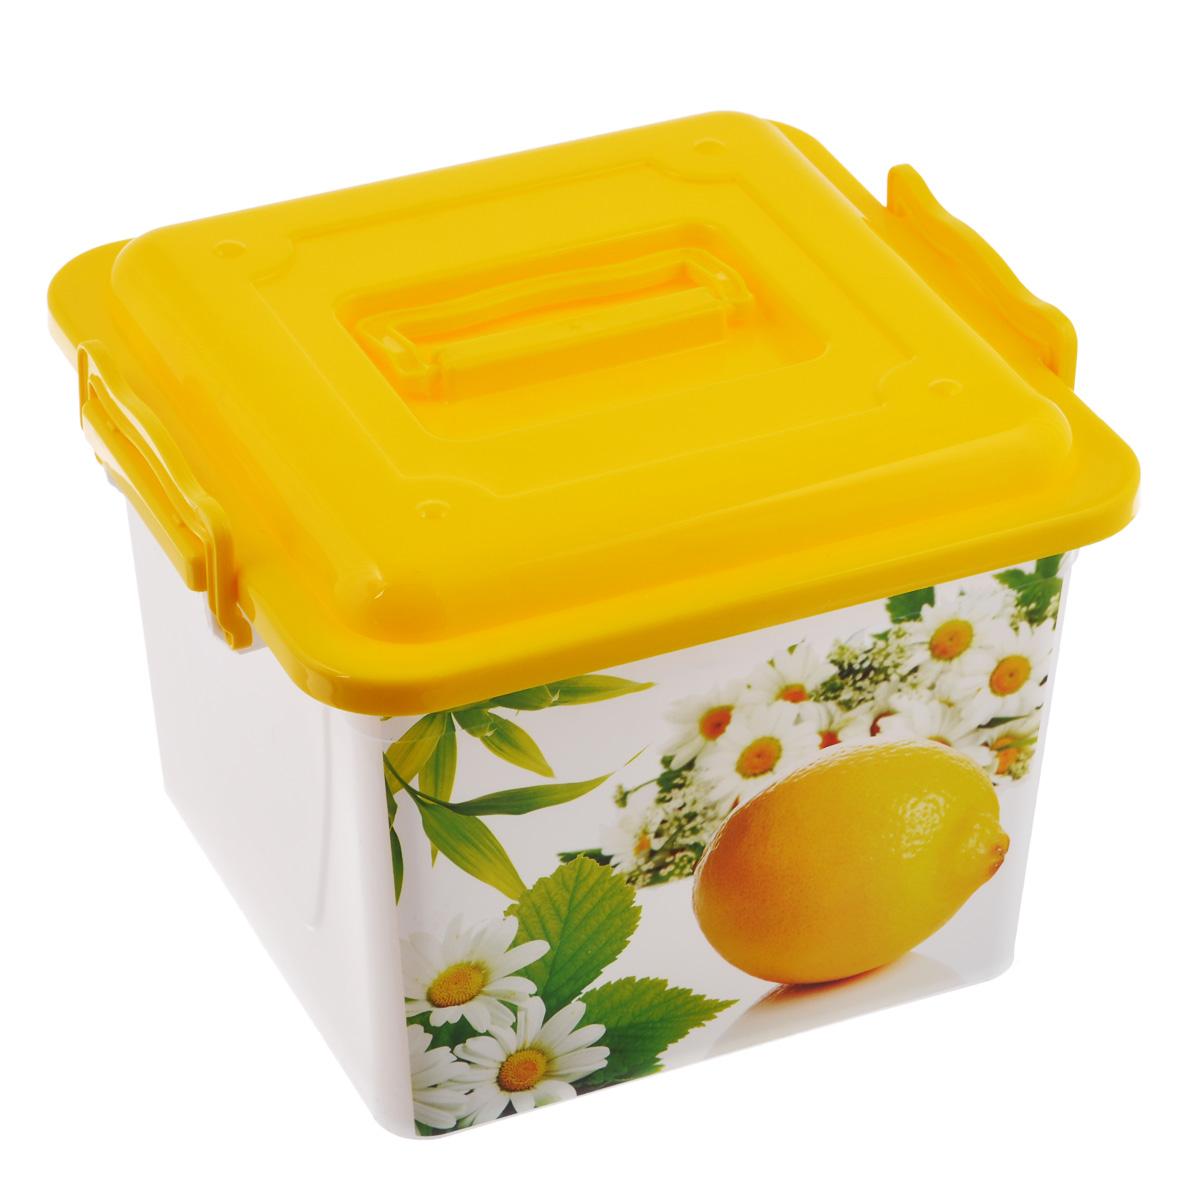 """Универсальный контейнер """"Летнее настроение"""" прекрасно подойдет для хранения небольших игрушек, инструментов, швейных принадлежностей и многого другого. Он изготовлен из высококачественного пластика.. Контейнер закрывается крышкой. Удобный и легкий контейнер позволит вам хранить вещи в полном порядке, а благодаря современному дизайну он впишется в любой интерьер. Контейнер имеет компактные размеры, поэтому не занимает много места."""